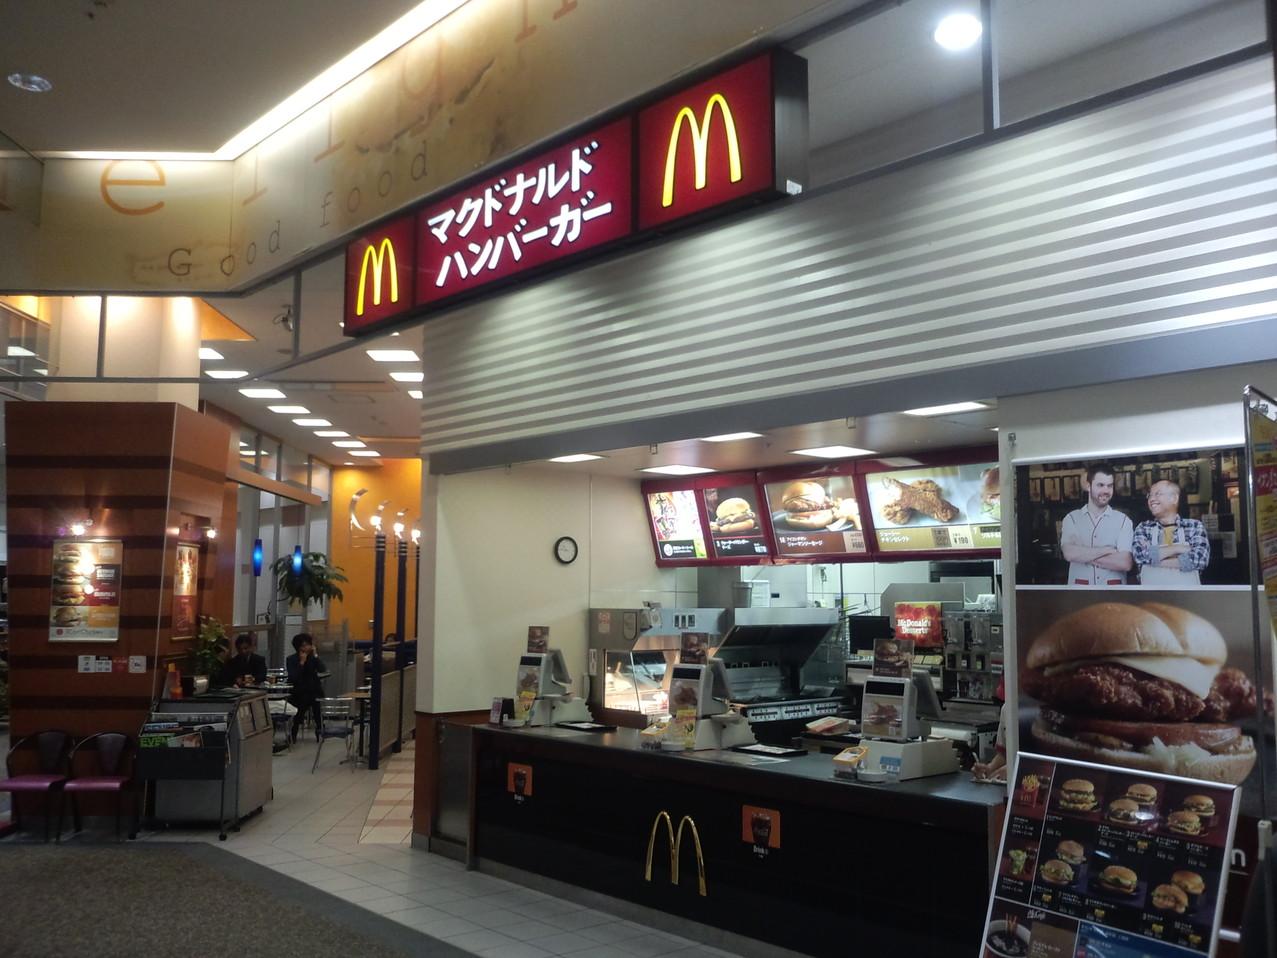 マクドナルド イオン札幌桑園店